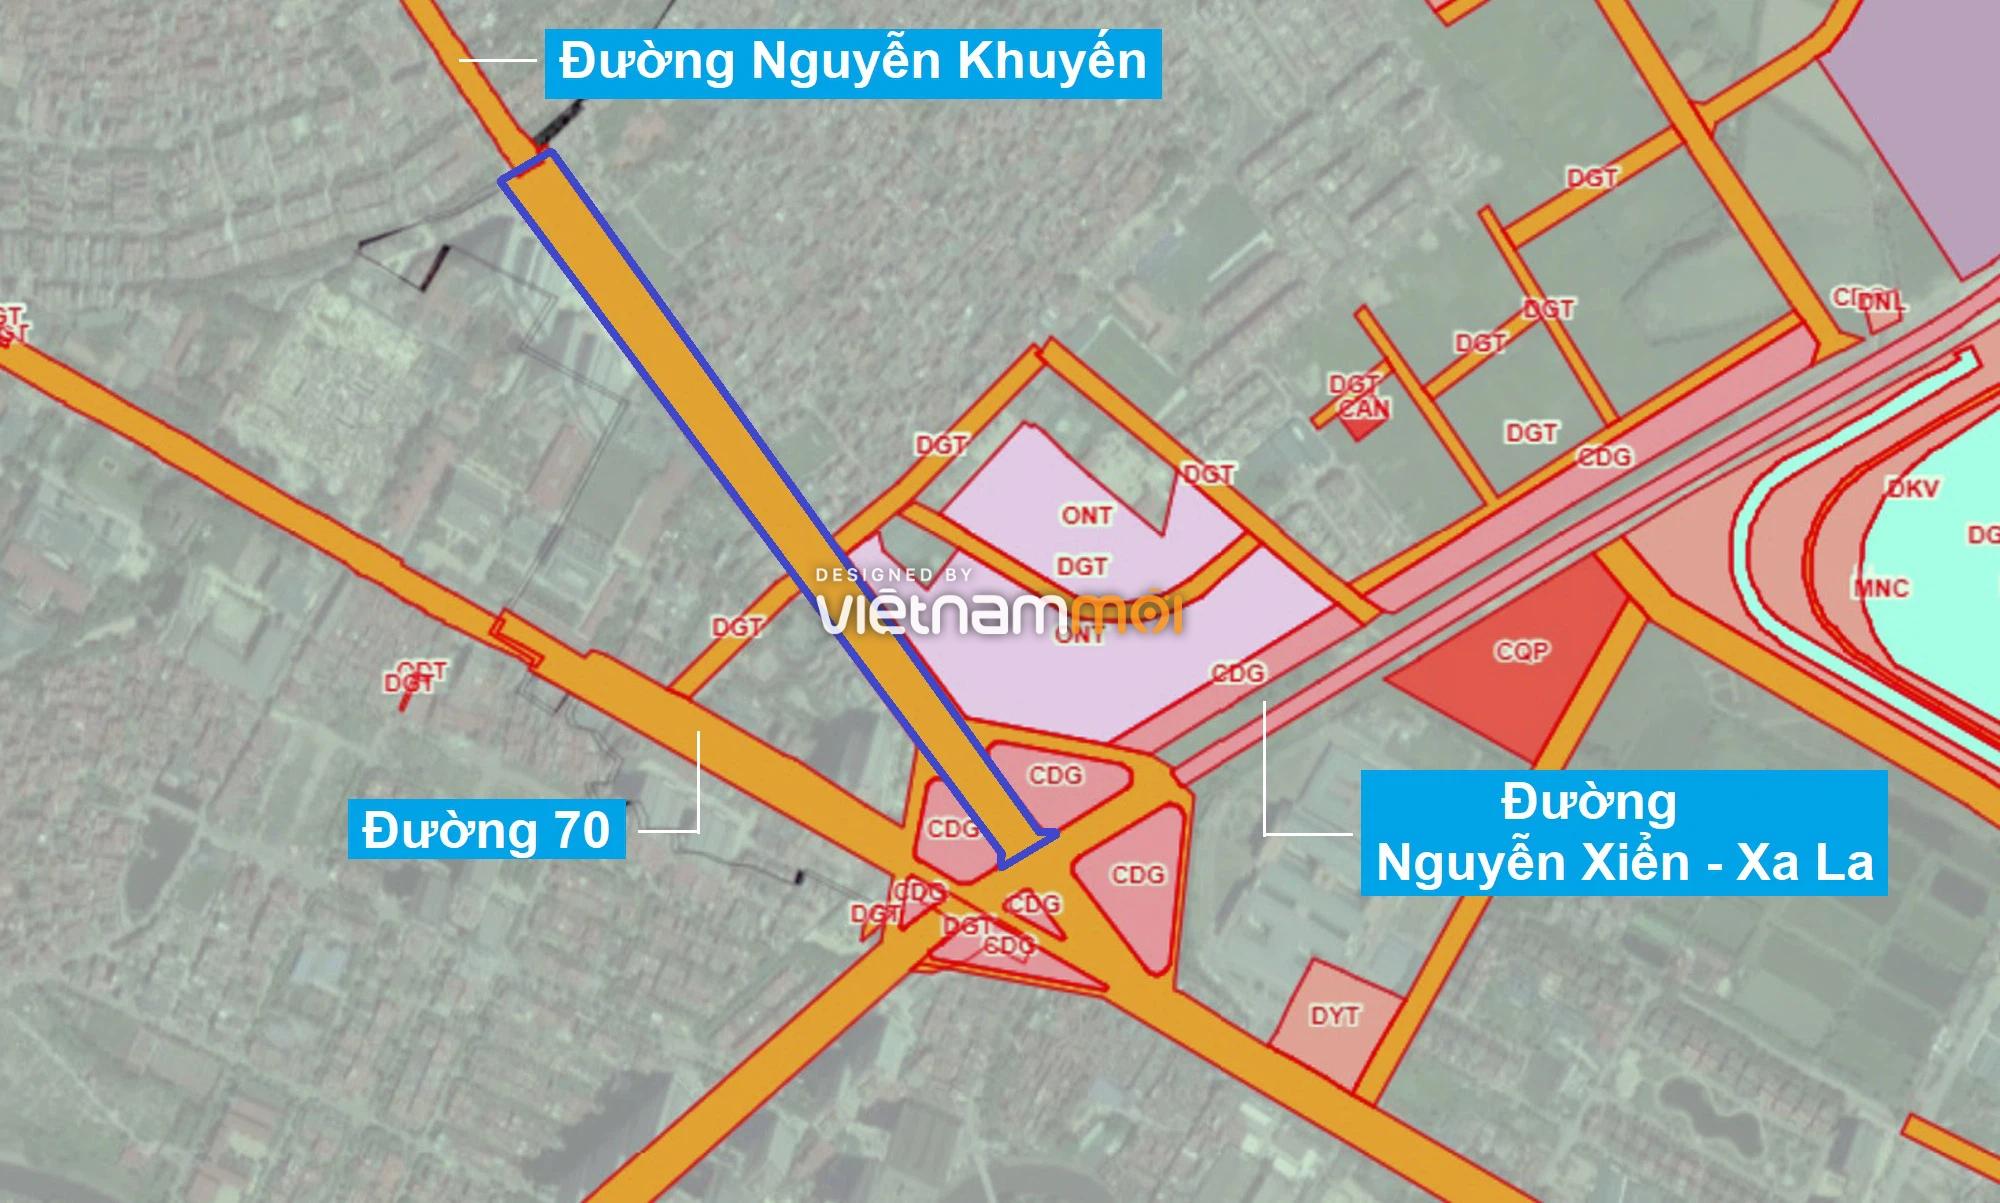 Những khu đất sắp thu hồi để mở đường ở xã Tân Triều, Thanh Trì, Hà Nội (phần 2) - Ảnh 1.